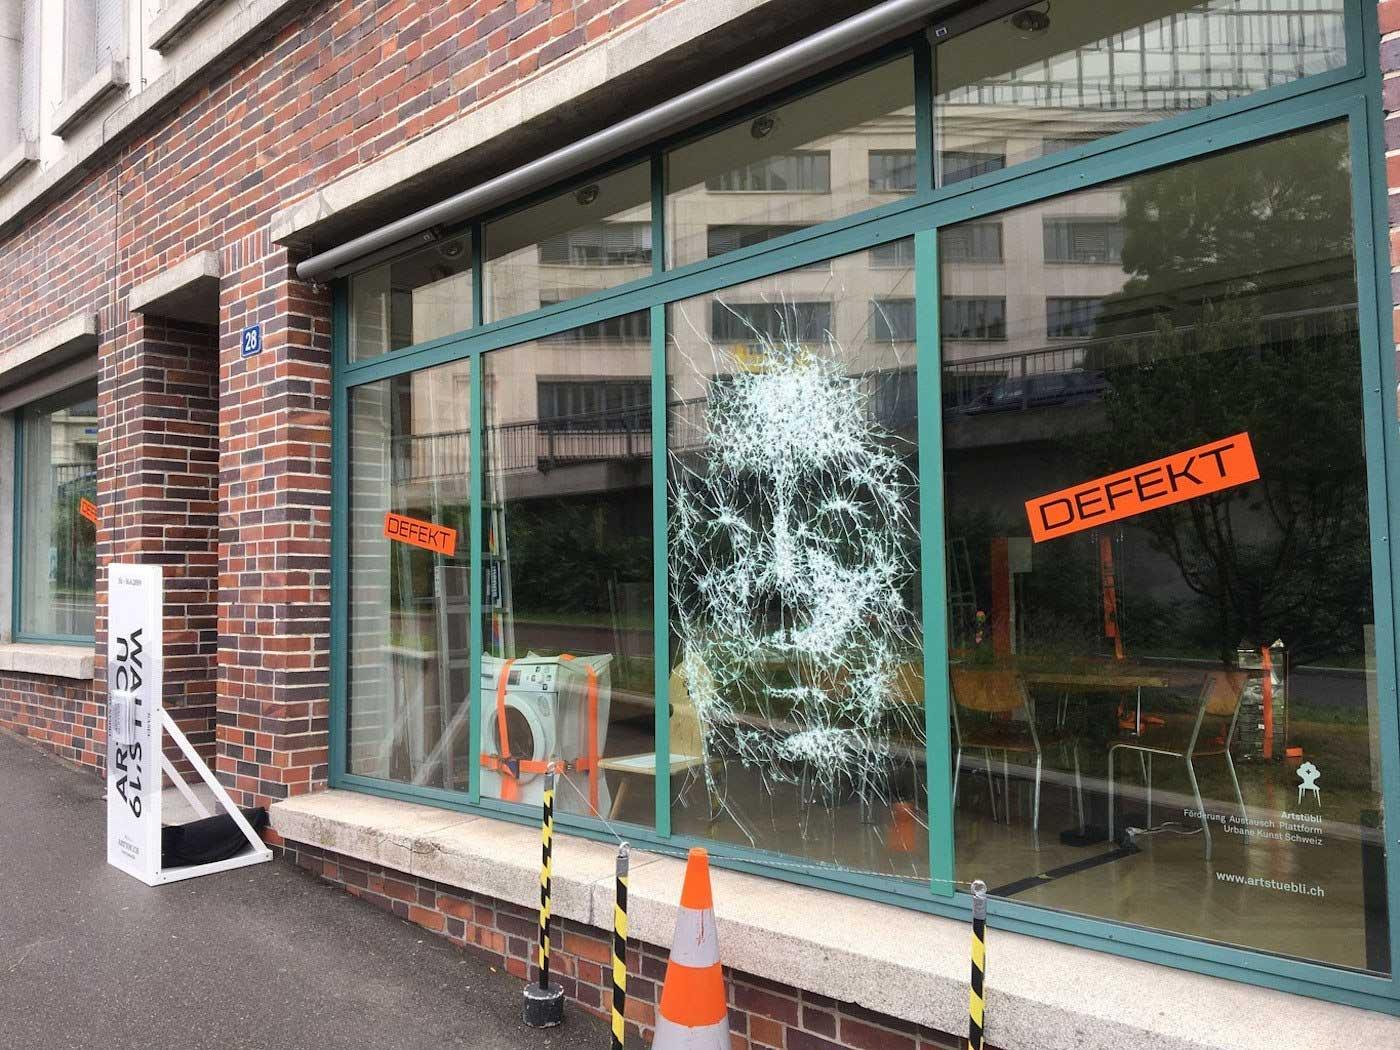 Portrait aus zersprungenem Fensterglas Simon-Berger-Defekt-installation_02